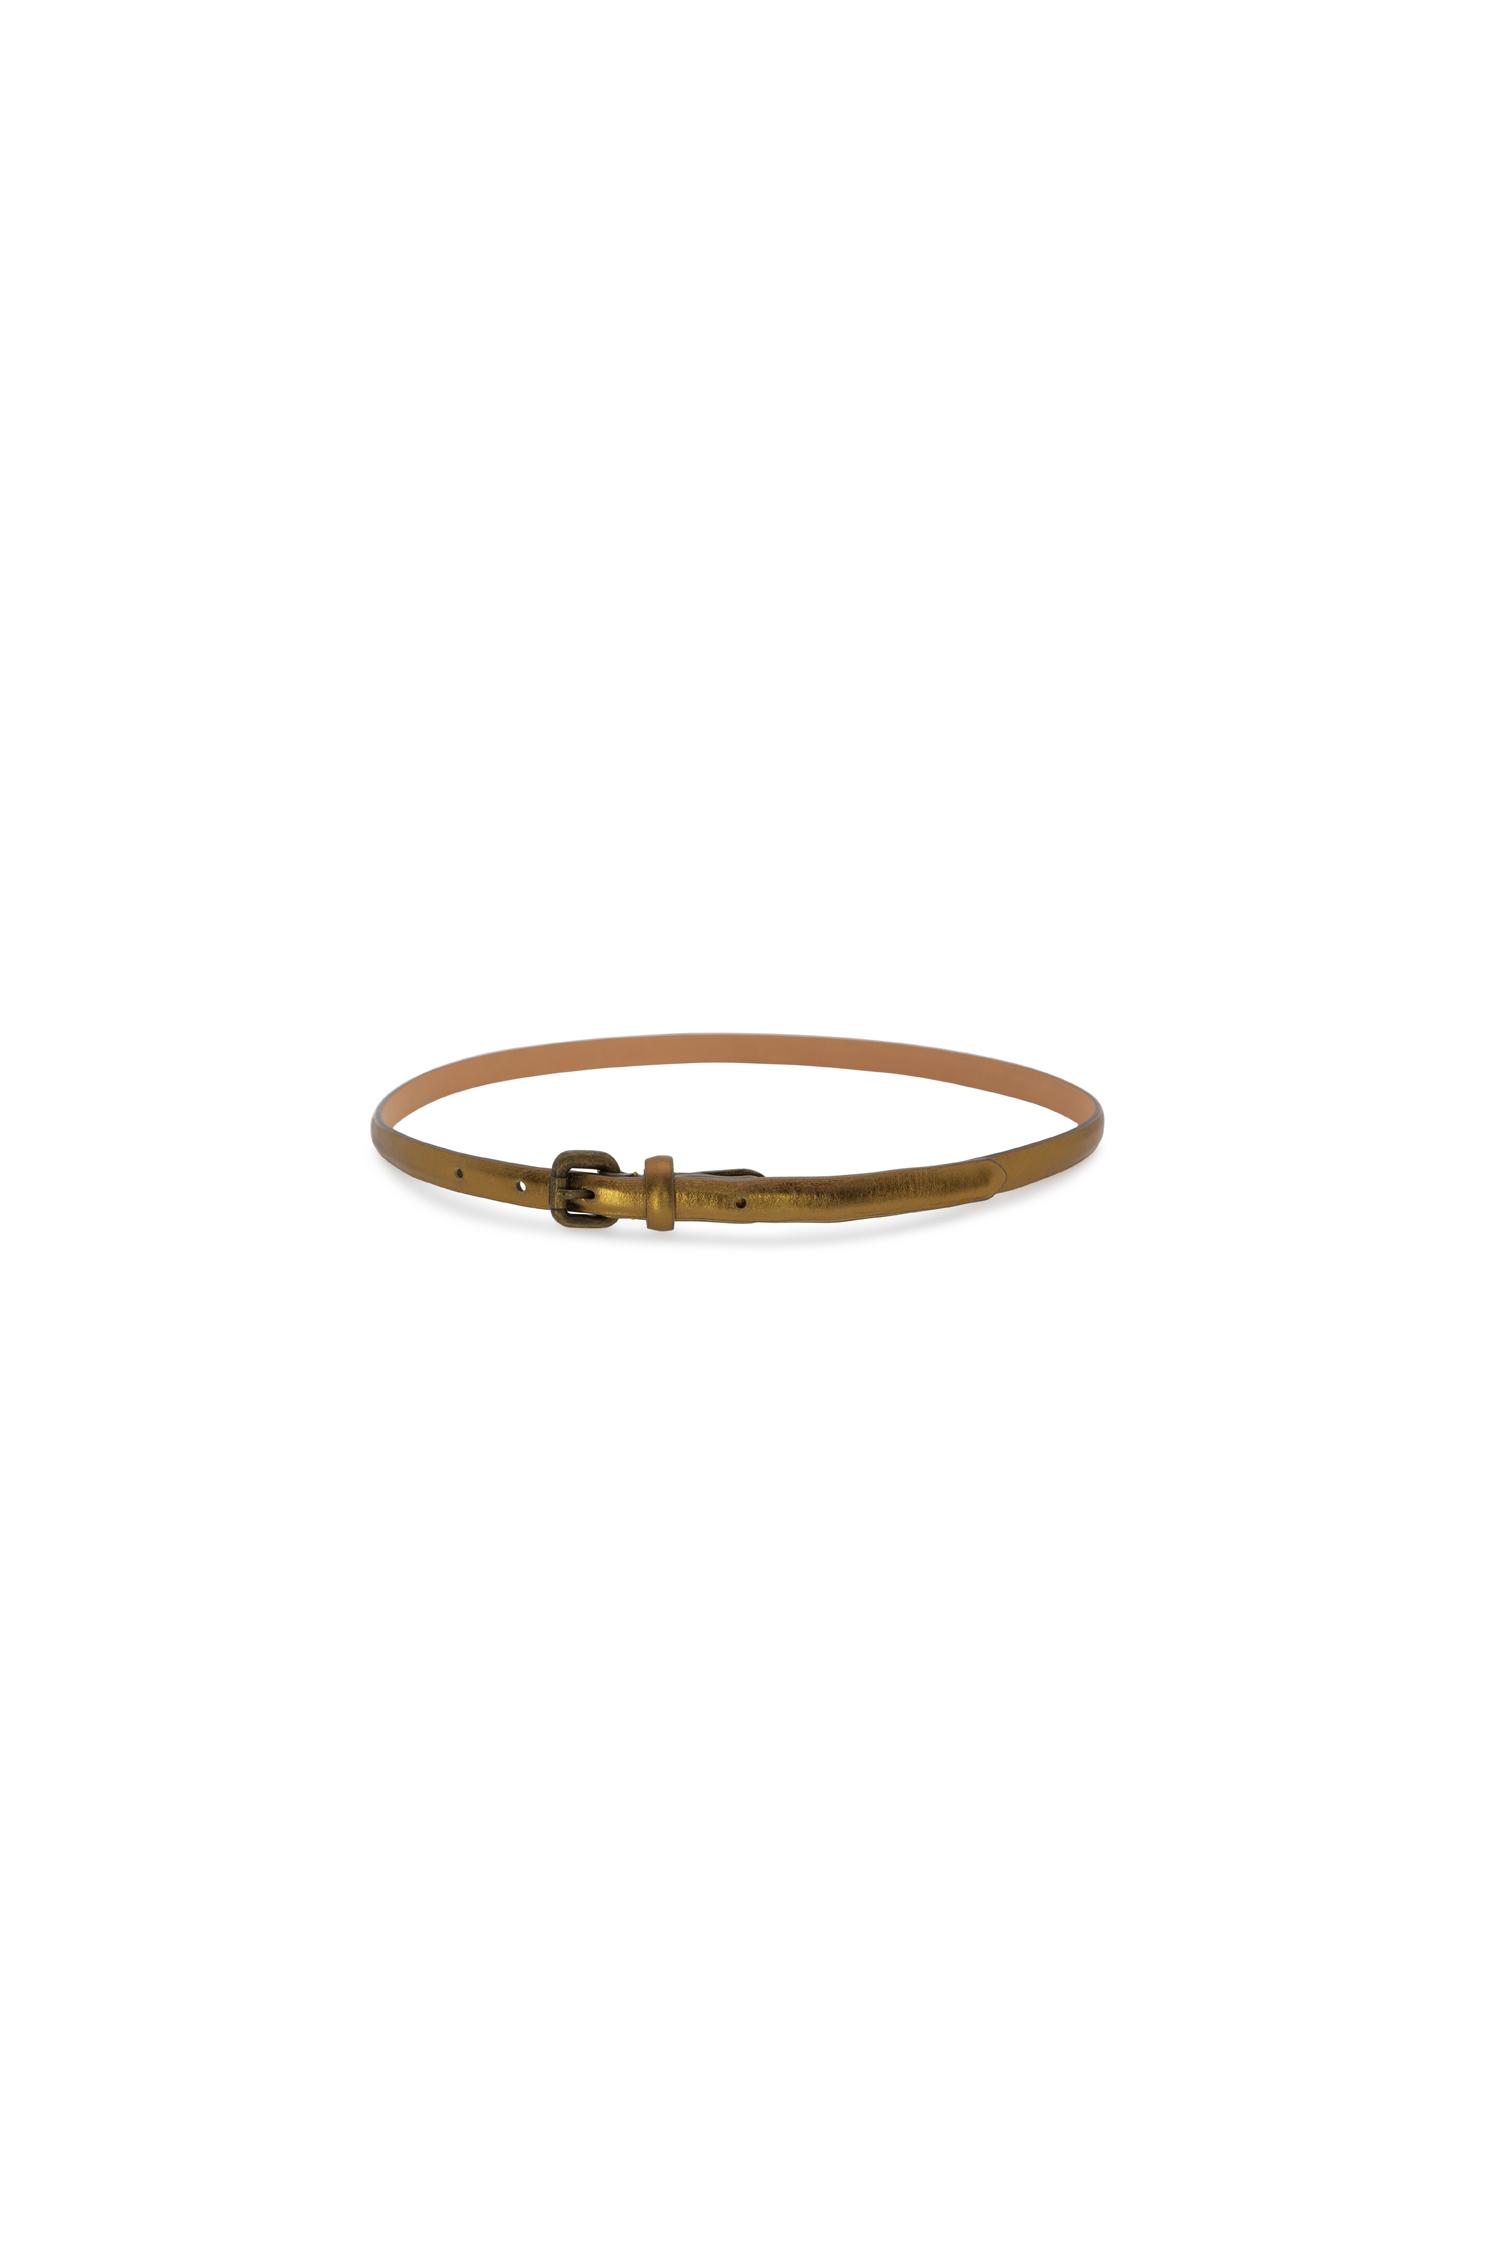 cinturon dorado piel